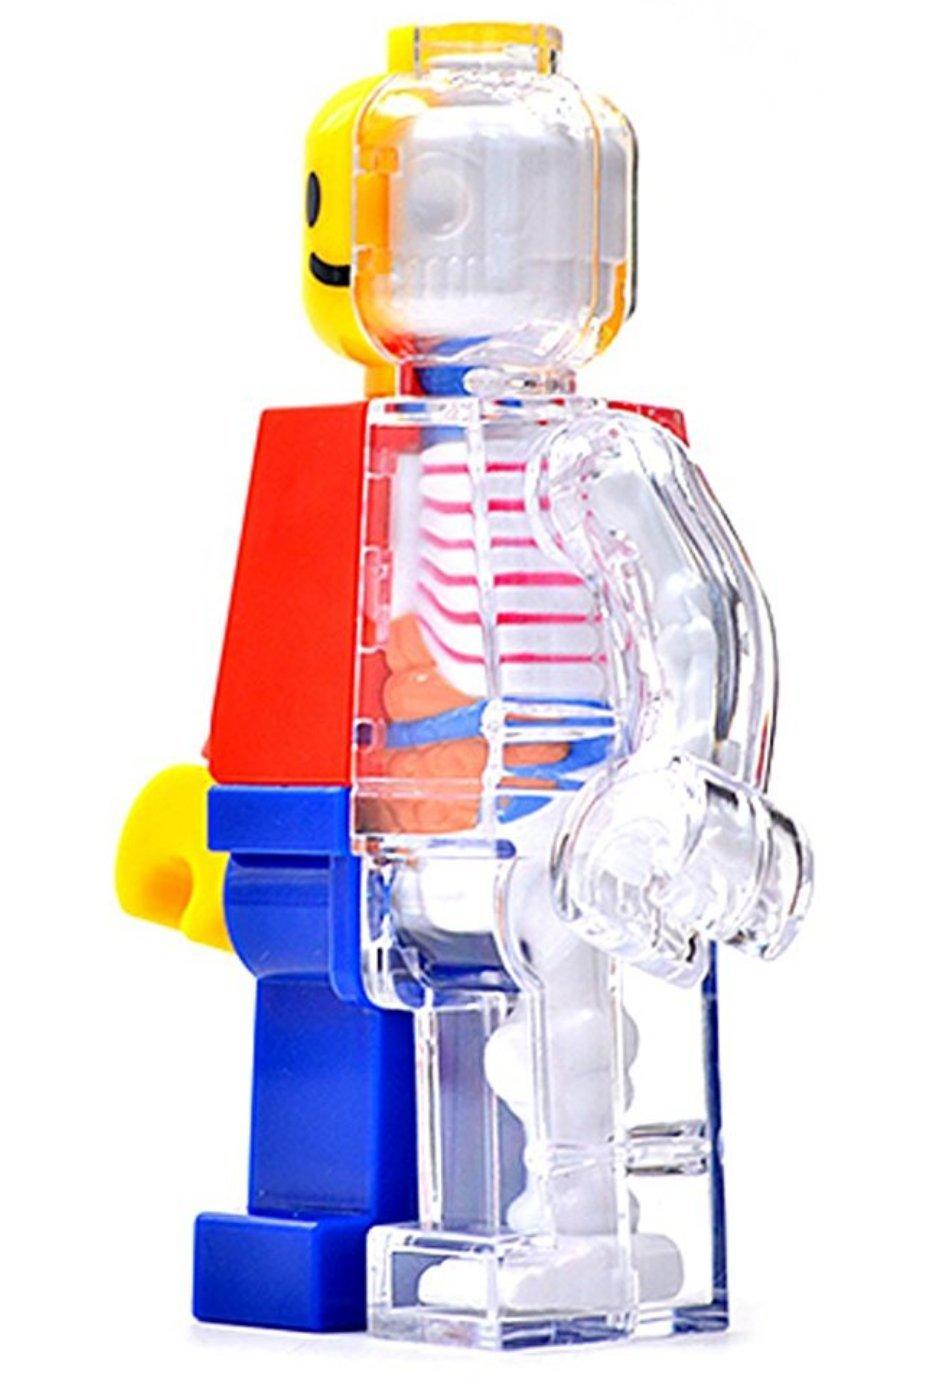 Amazon.com: 4D Master Brick Man Funny Anatomy by Jason Freeny: Toys ...